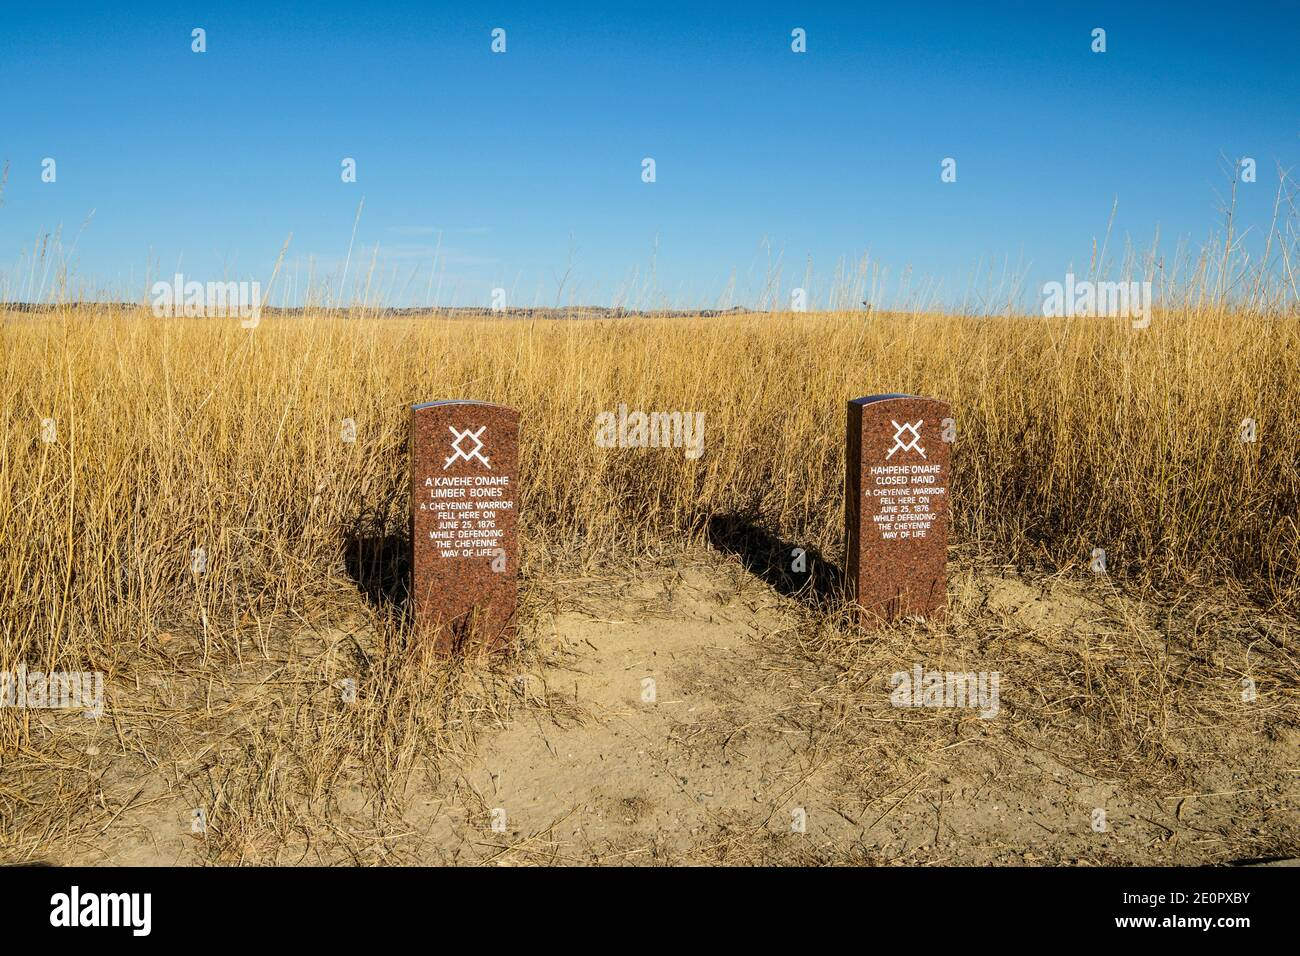 Lápidas guerreras de Cheyenne. Little Bighorn Battlefield National Monument. Crow Agency, Montana, U. S. A., Norteamérica. Foto de stock